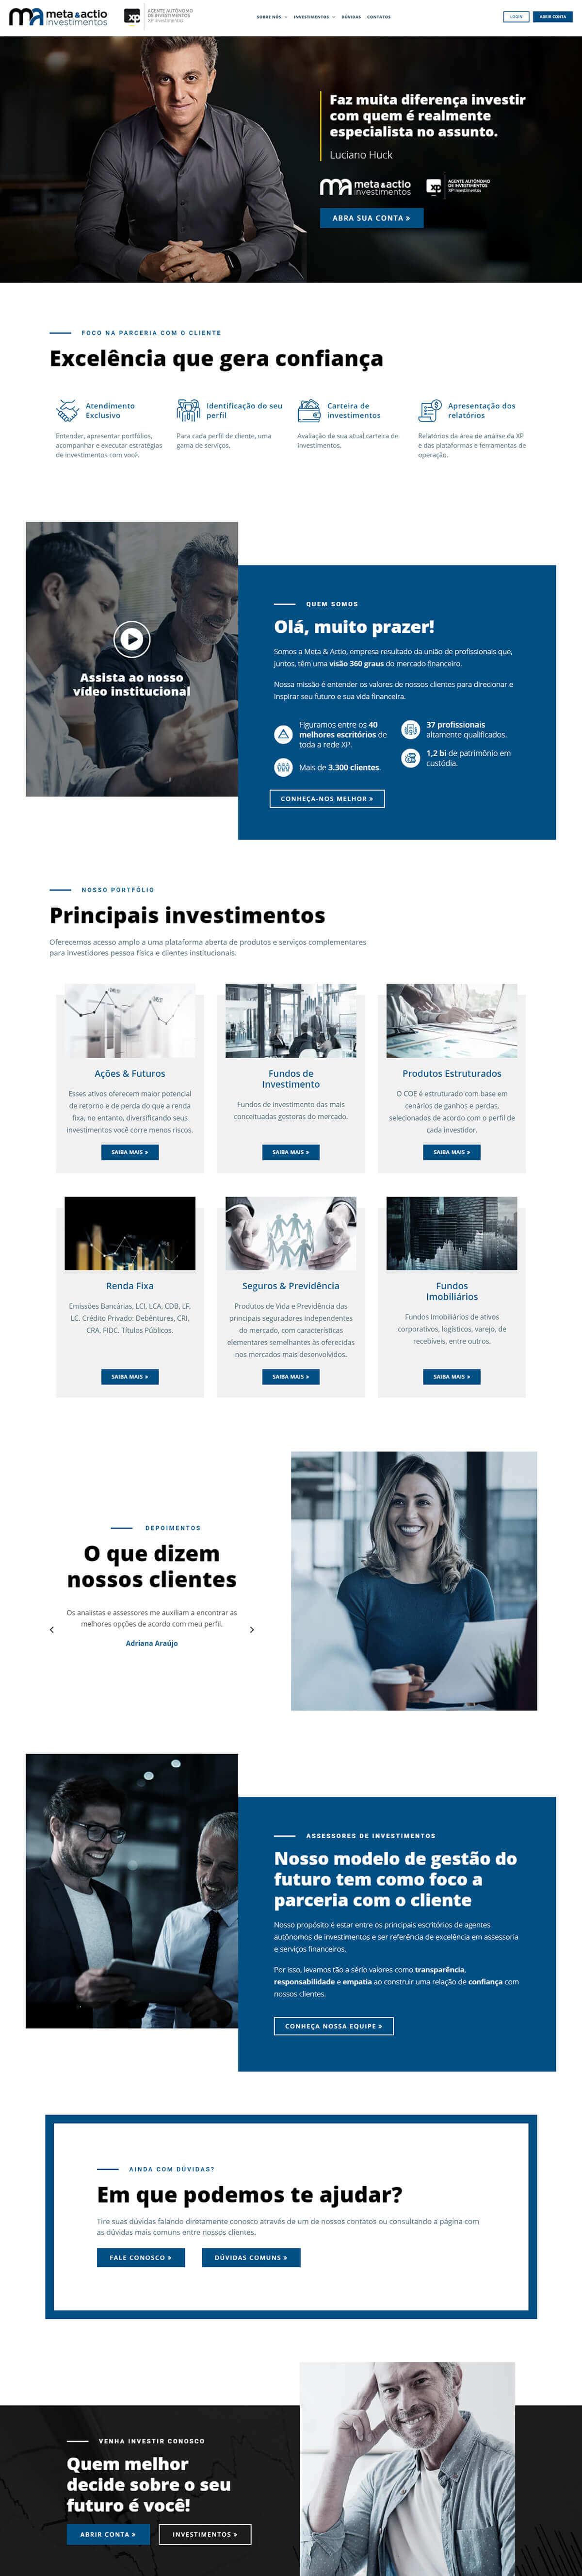 Criação de site institucional para a Meta & Actio Investimentos